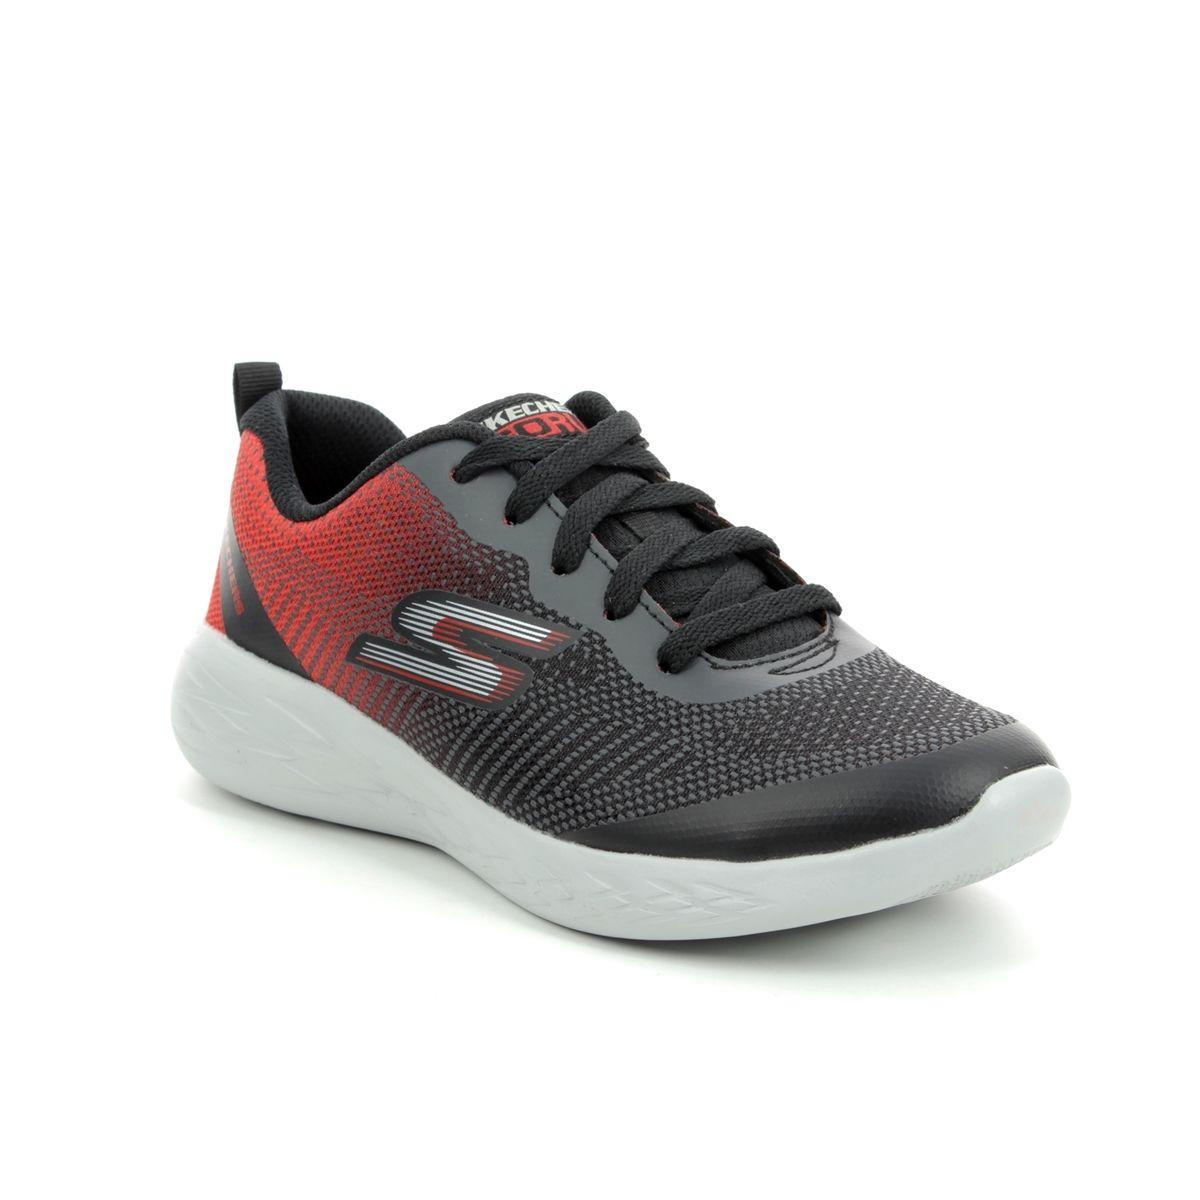 ae04c8f2643e Skechers Go Run 600 Lace 97866 BKRD Black-red combi trainers